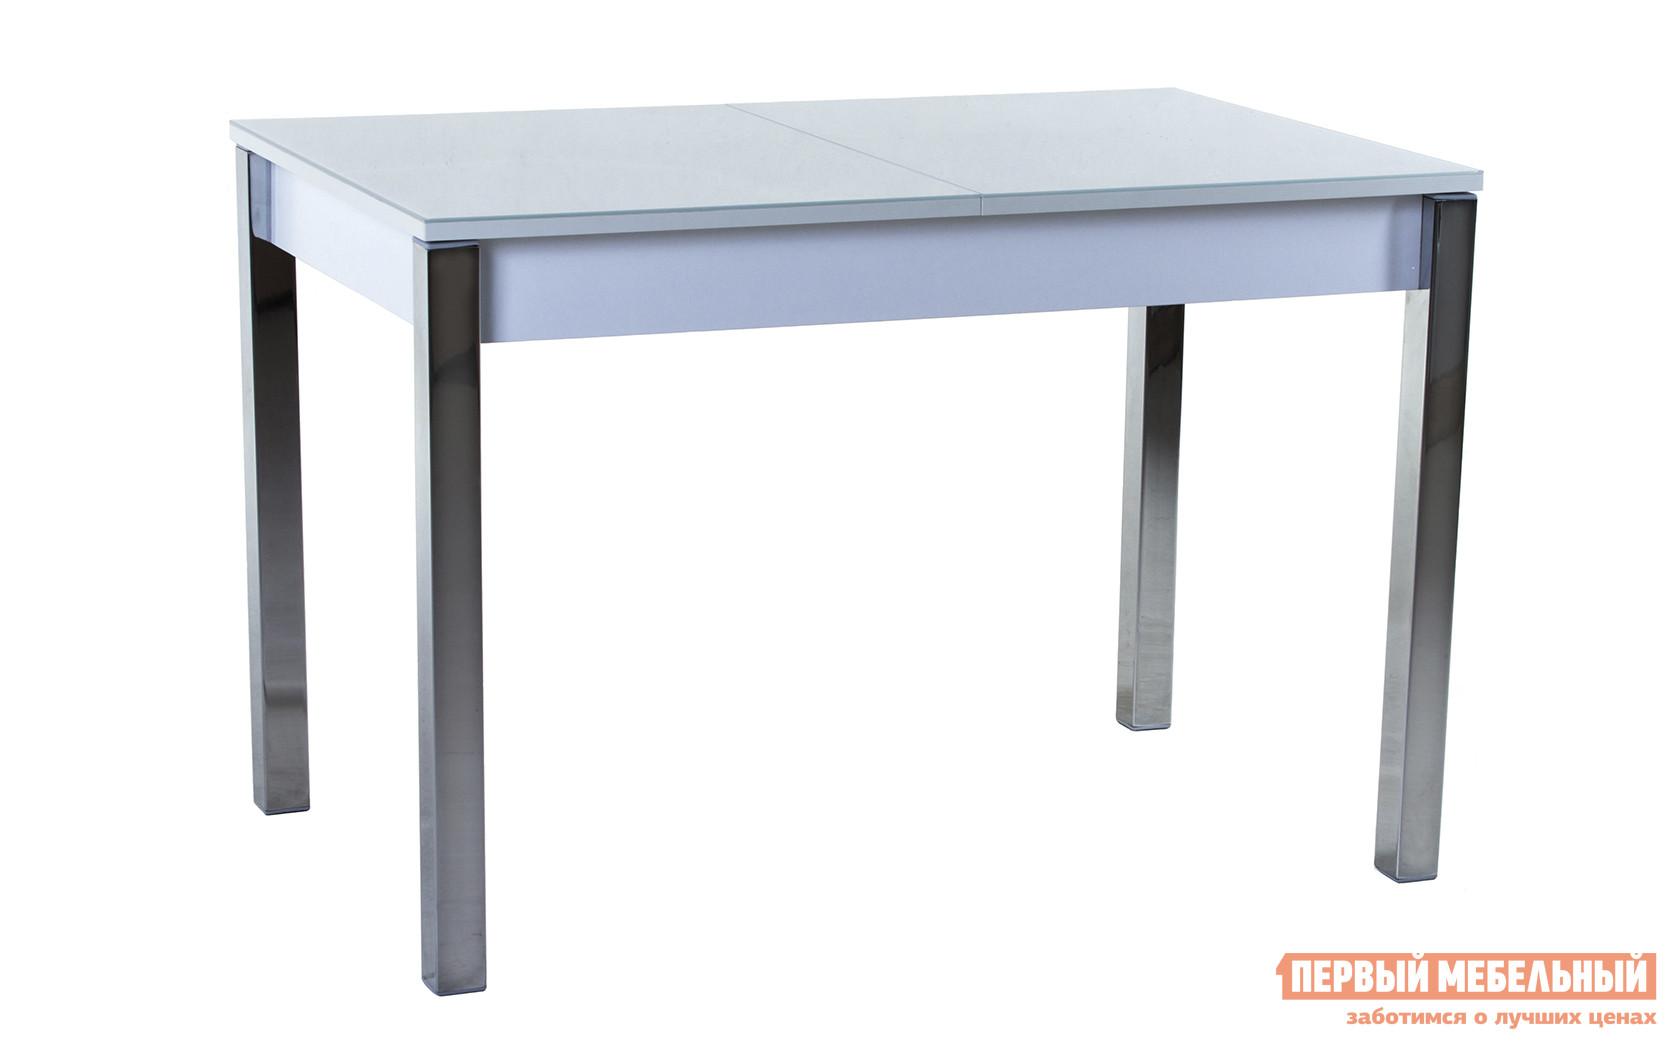 Обеденный стол Первый Мебельный Обеденный стол Сицилия квадро цена